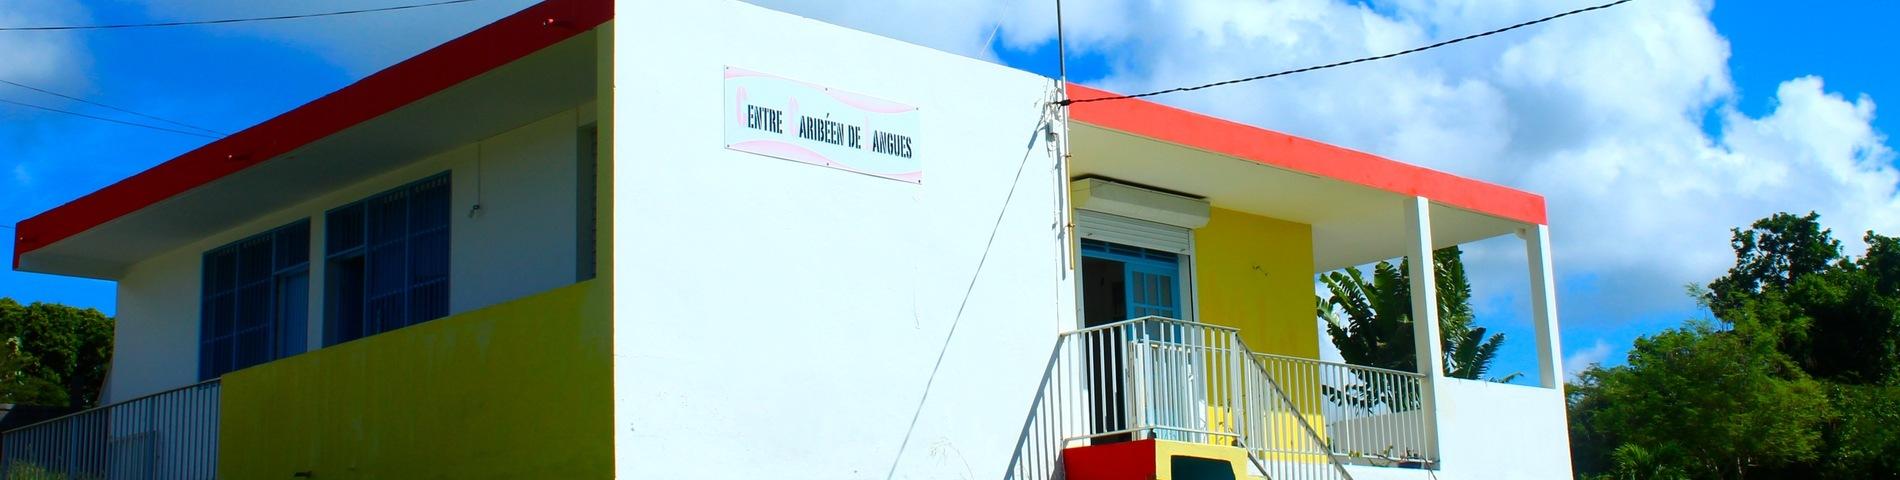 Centre Caribéen de Langues kuva 1